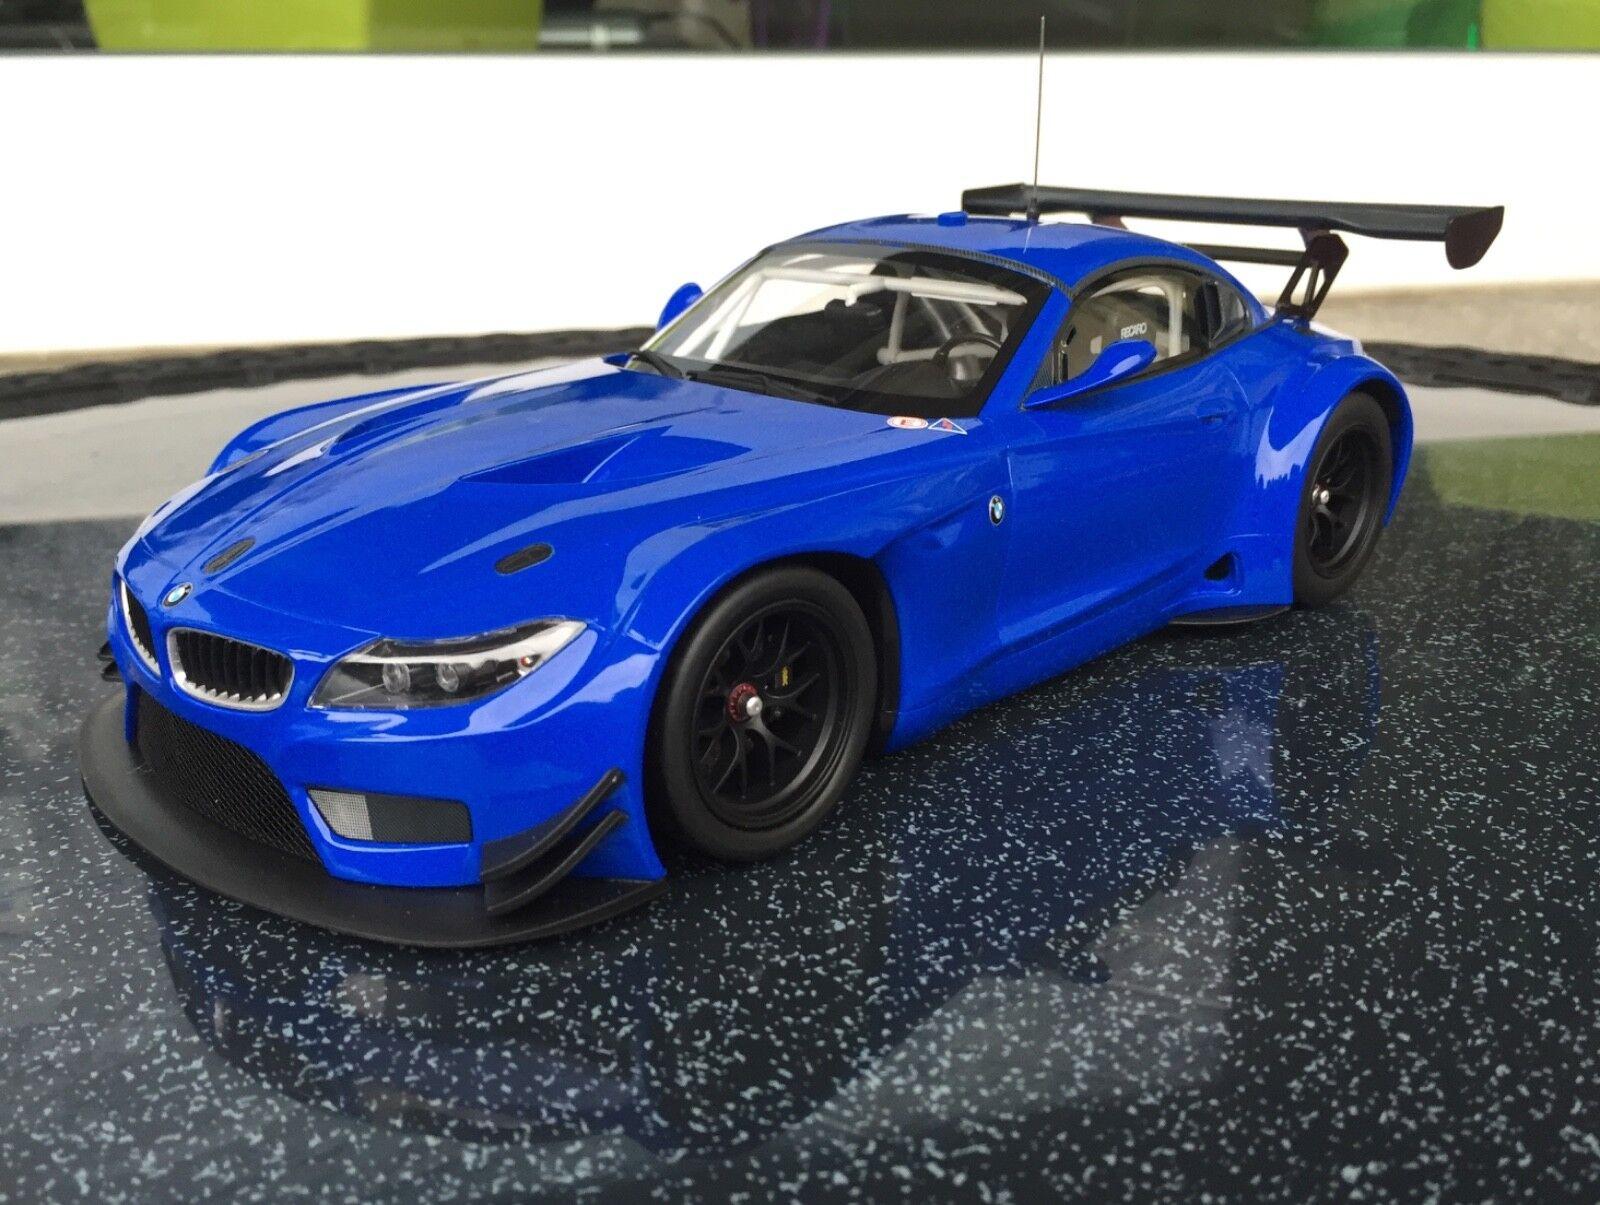 BMW z4 gt3 Limited Edition azul 1 18 Minichamps